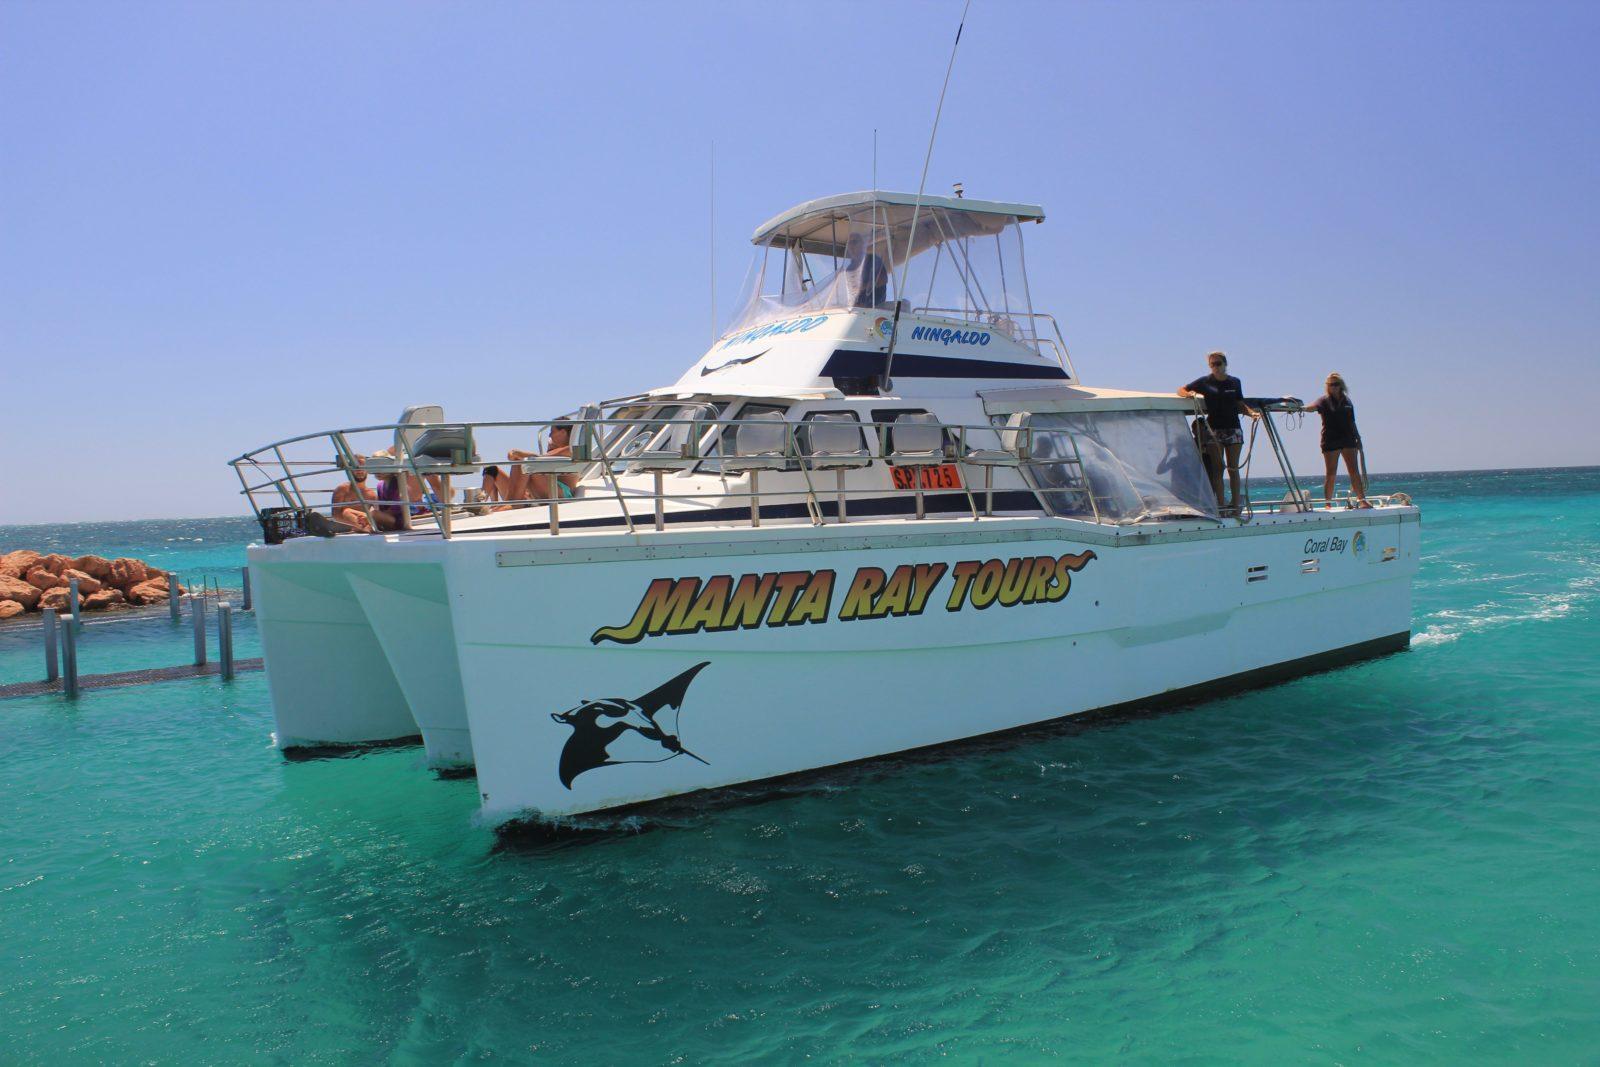 Ningaloo Coral Bay Boats, Coral Bay, Western Australia